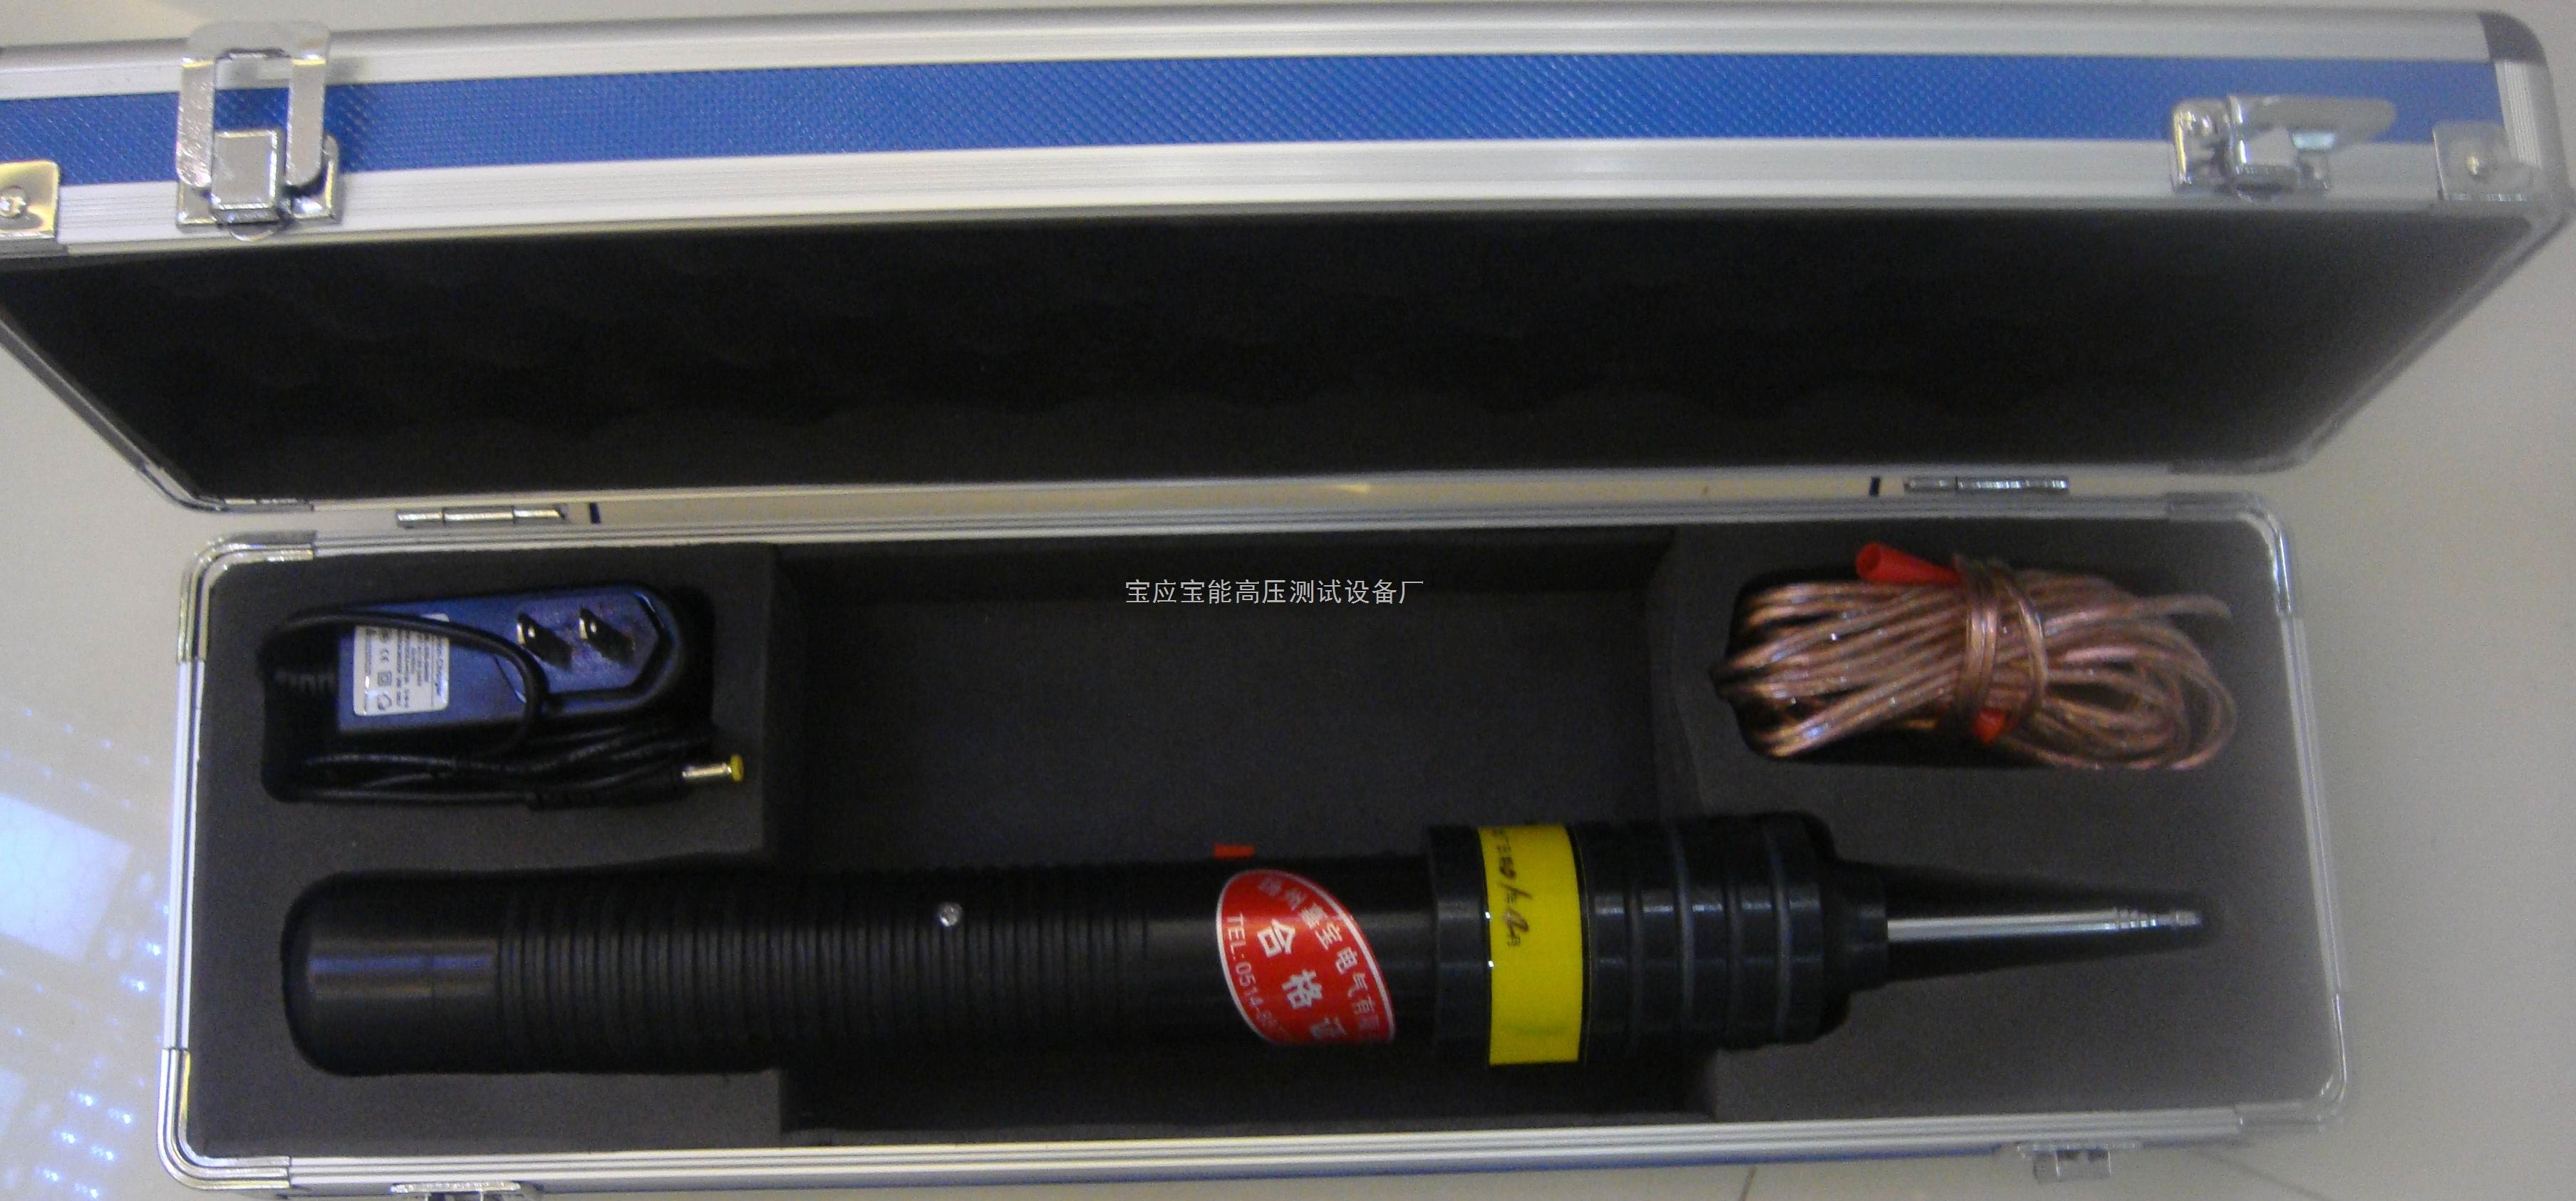 器放电计数器检测仪适用于阀型避雷器(包括炭化硅普通阀型(fz和fs),炭图片